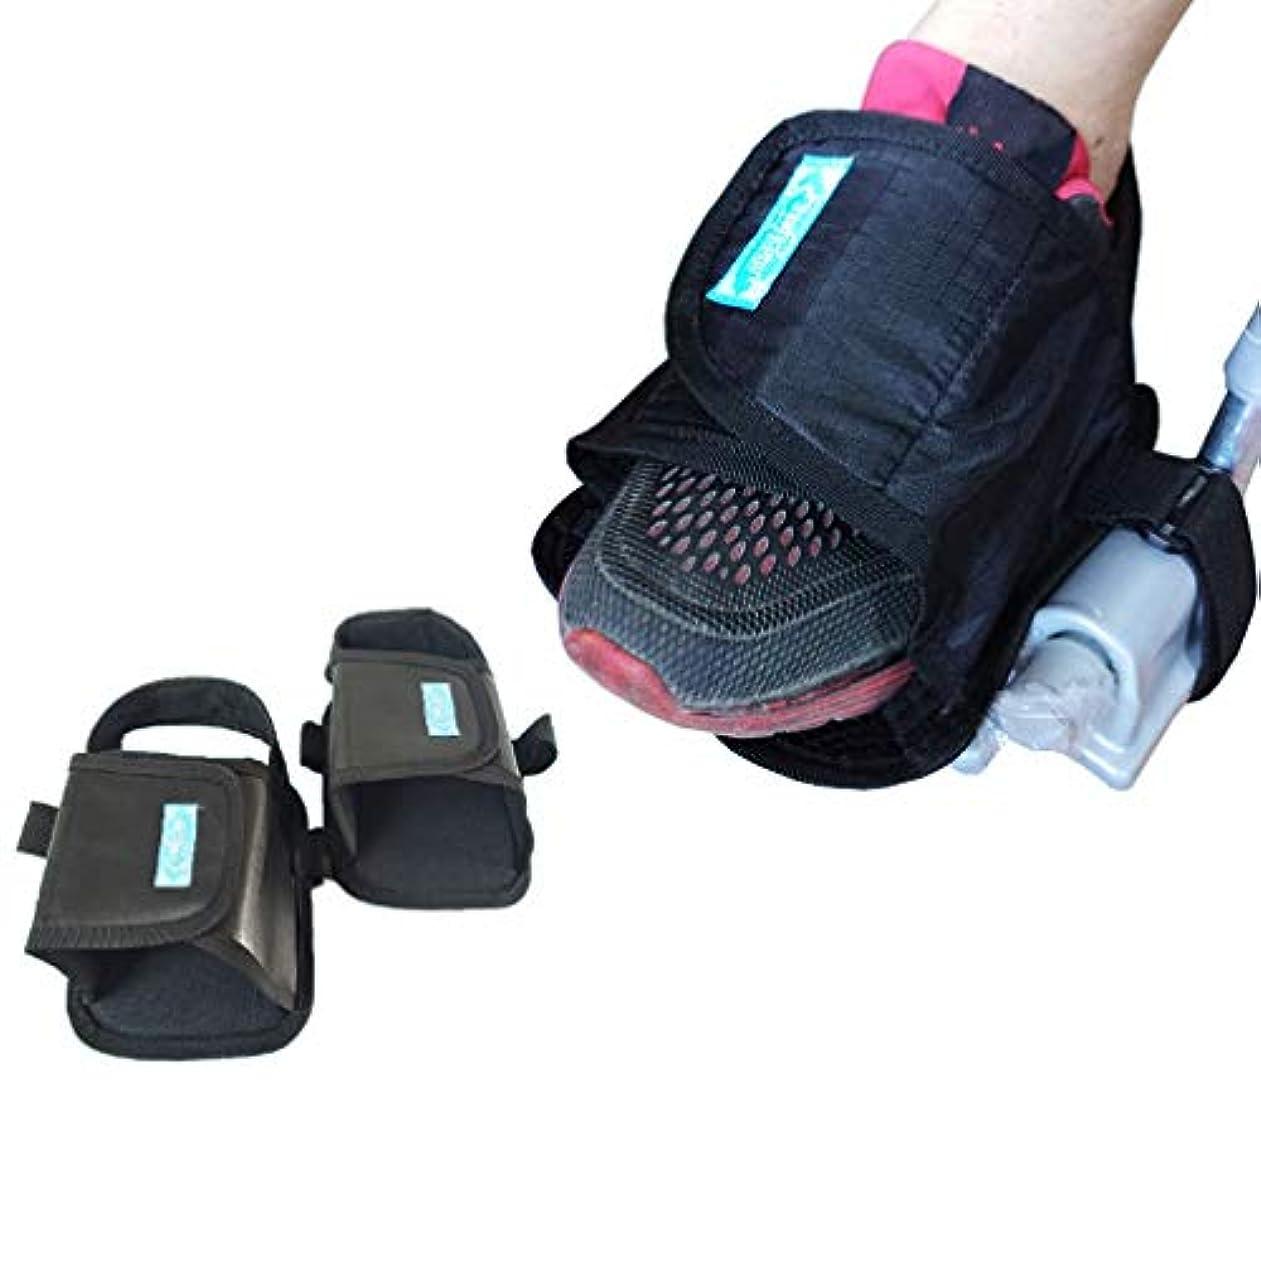 フェザー可塑性マットレス滑り止め車いすの靴 - 車椅子靴ホルダーストラップ安全拘束靴 - (1ペア)高齢者の患者のための車いすペダルフット休符から滑り落ちるの足をキープ